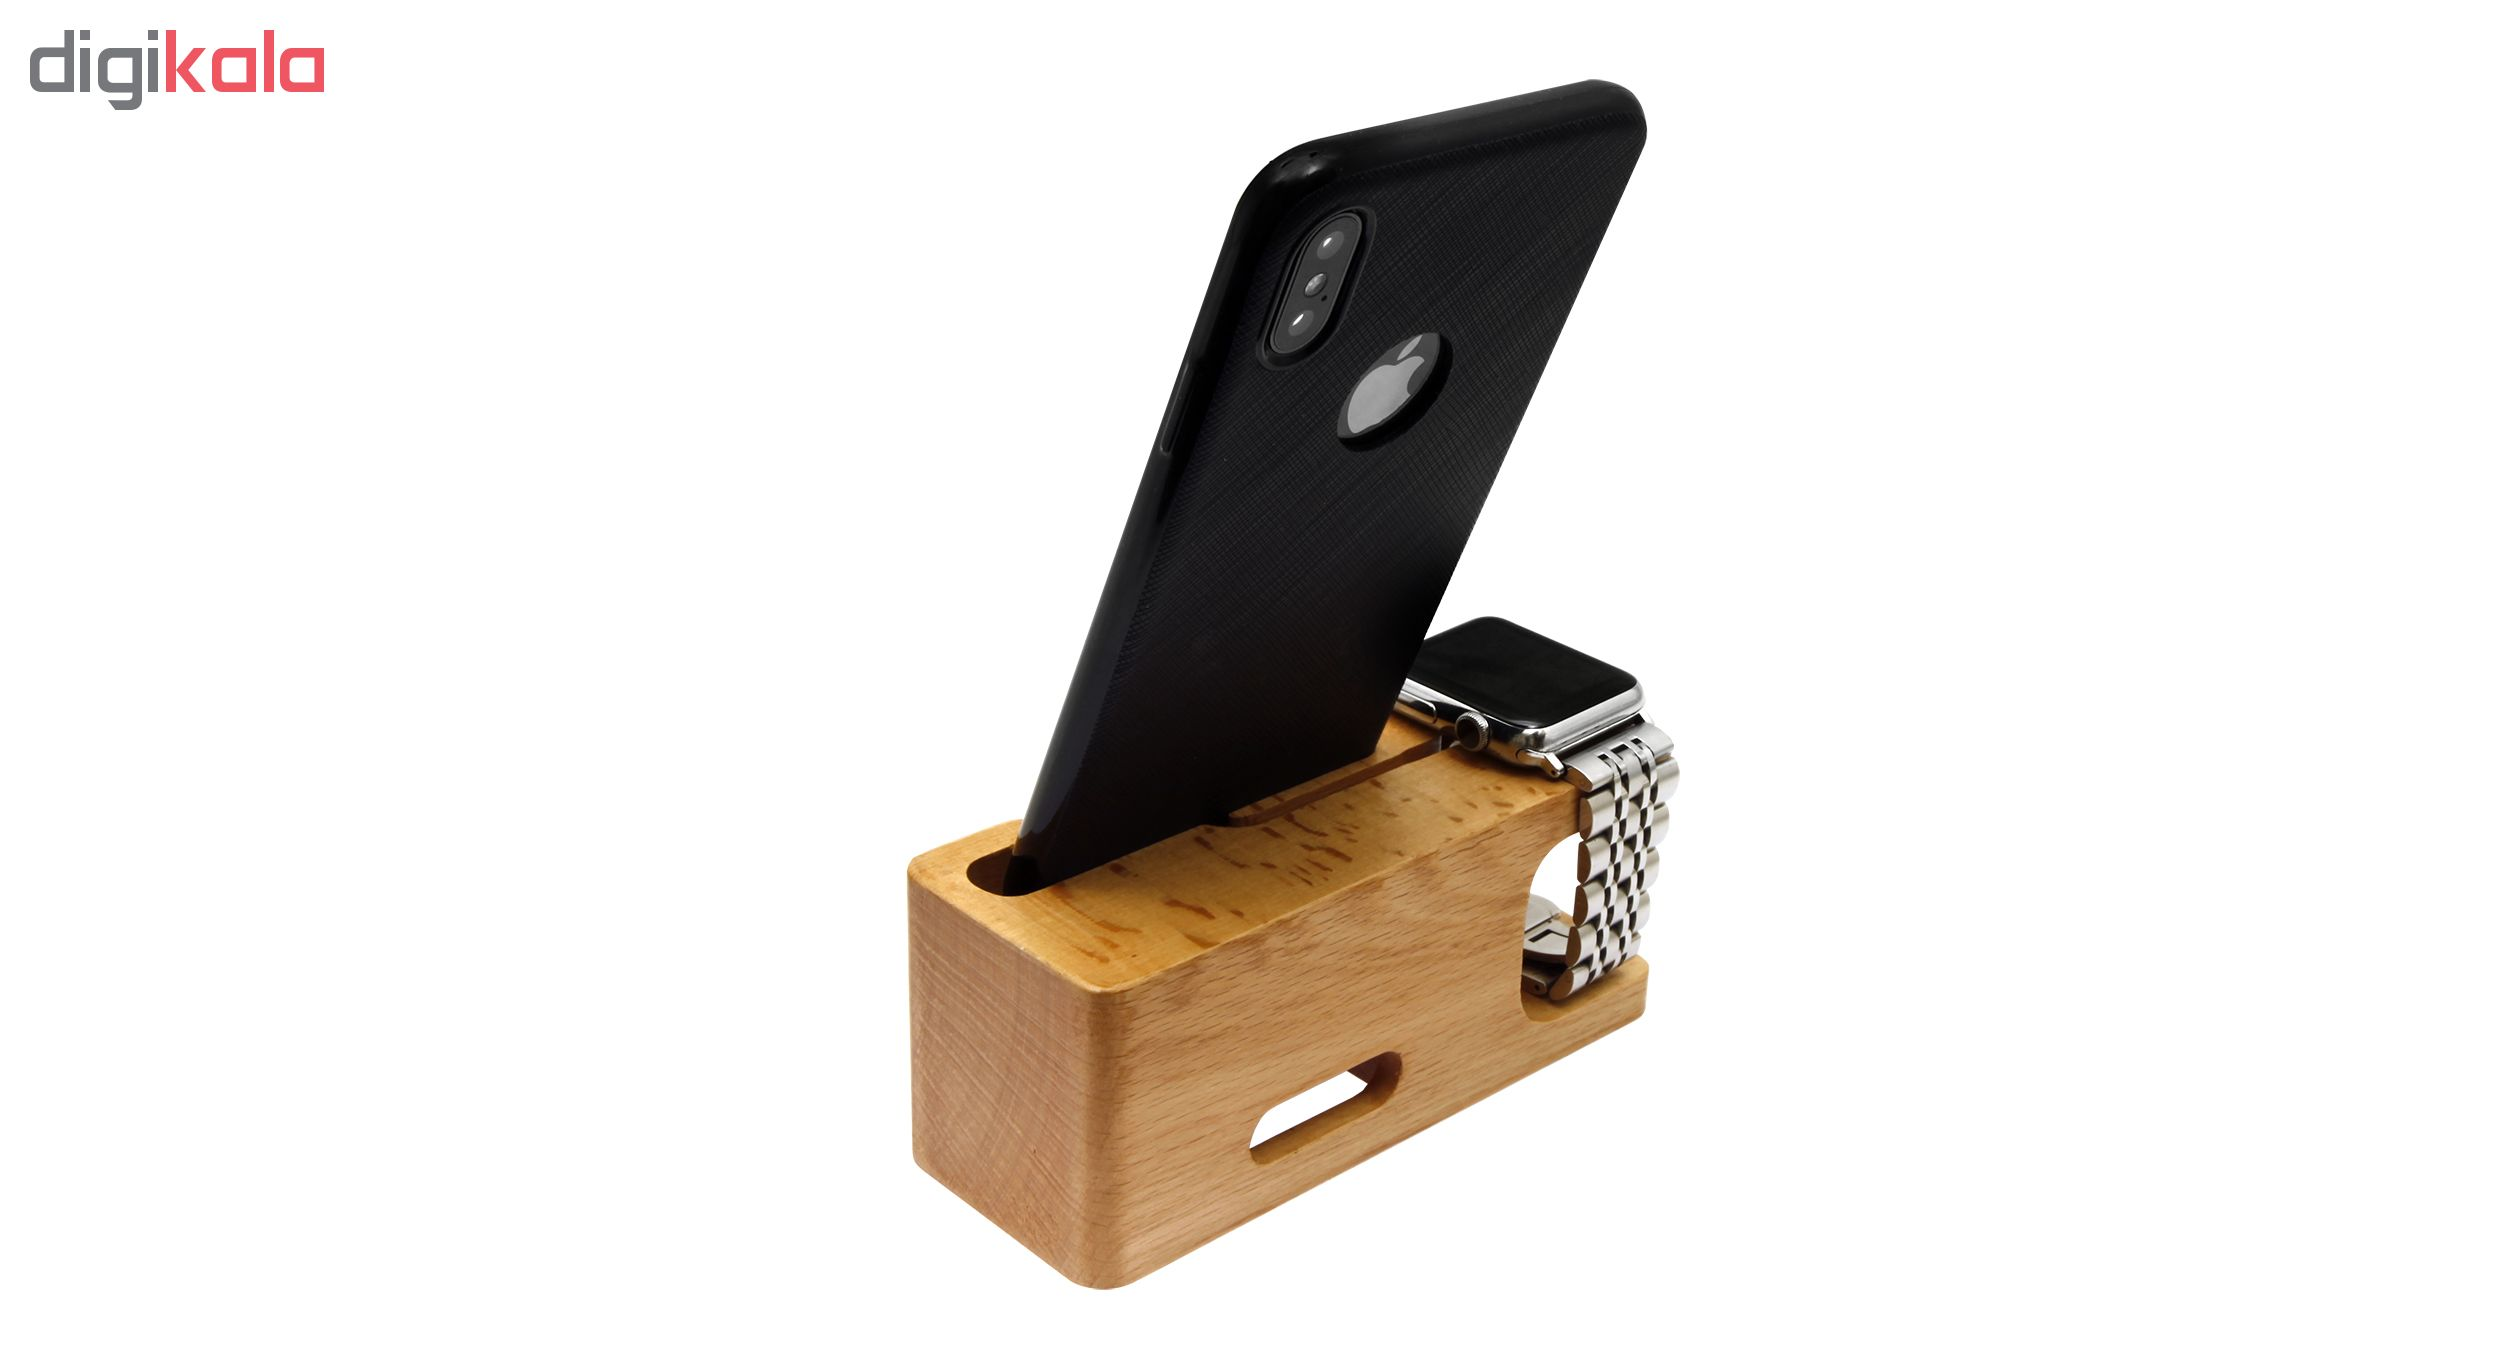 پایه نگهدارنده گوشی موبایل و اپل واچ سومگ مدل WSMG